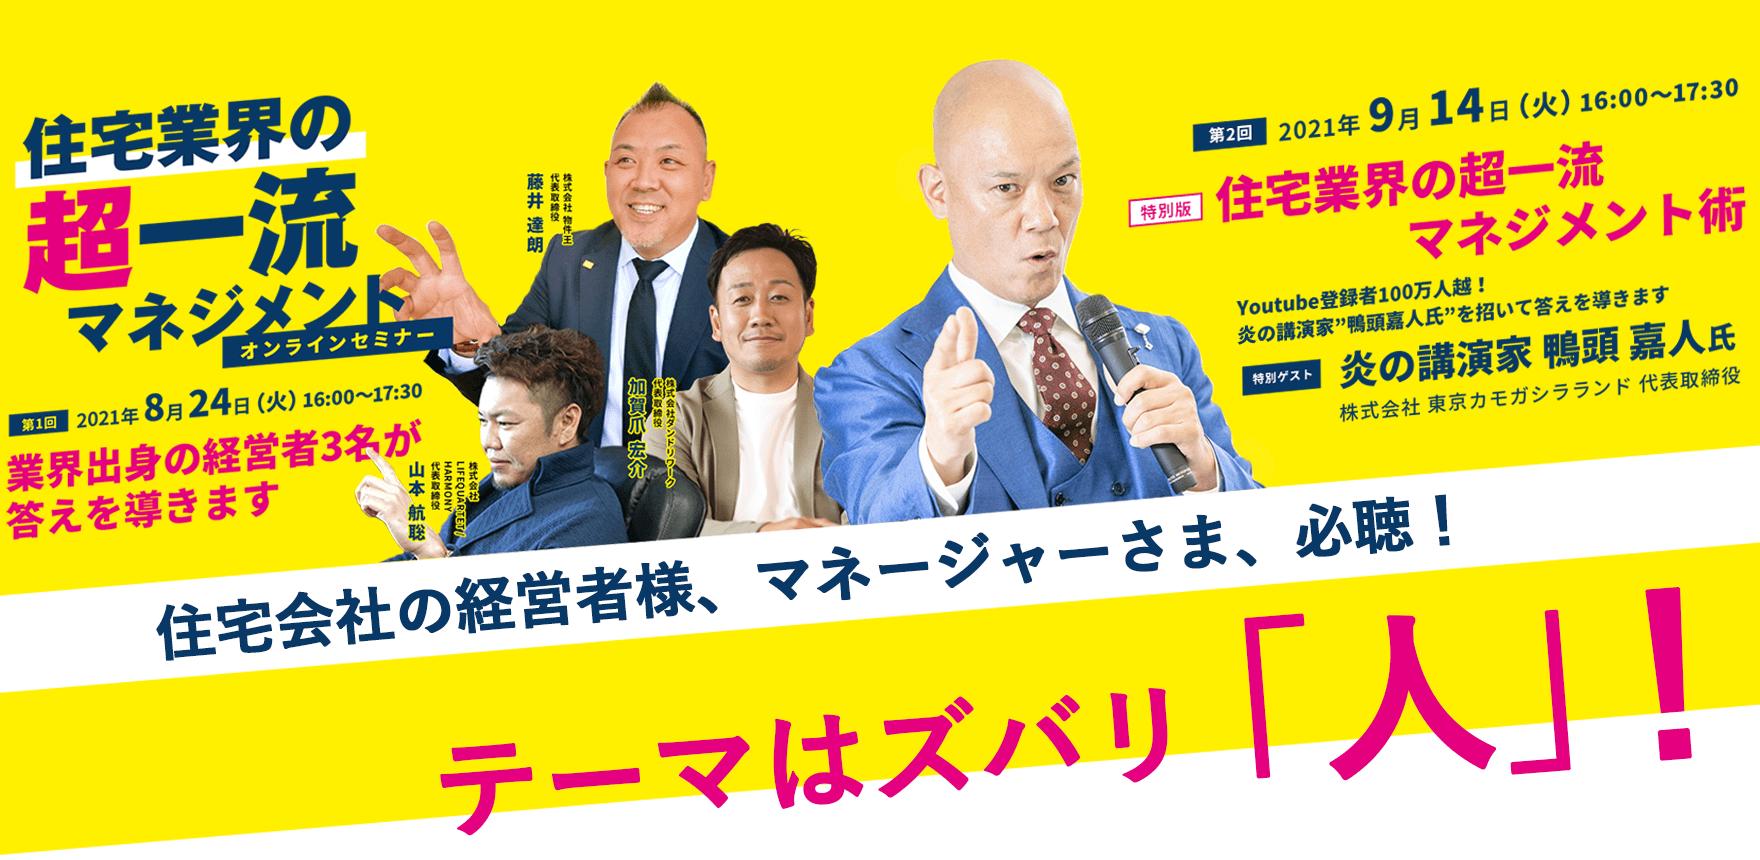 2021.9.14 特別ゲスト「鴨頭 嘉人」<br/>住宅業界の超一流マネジメント